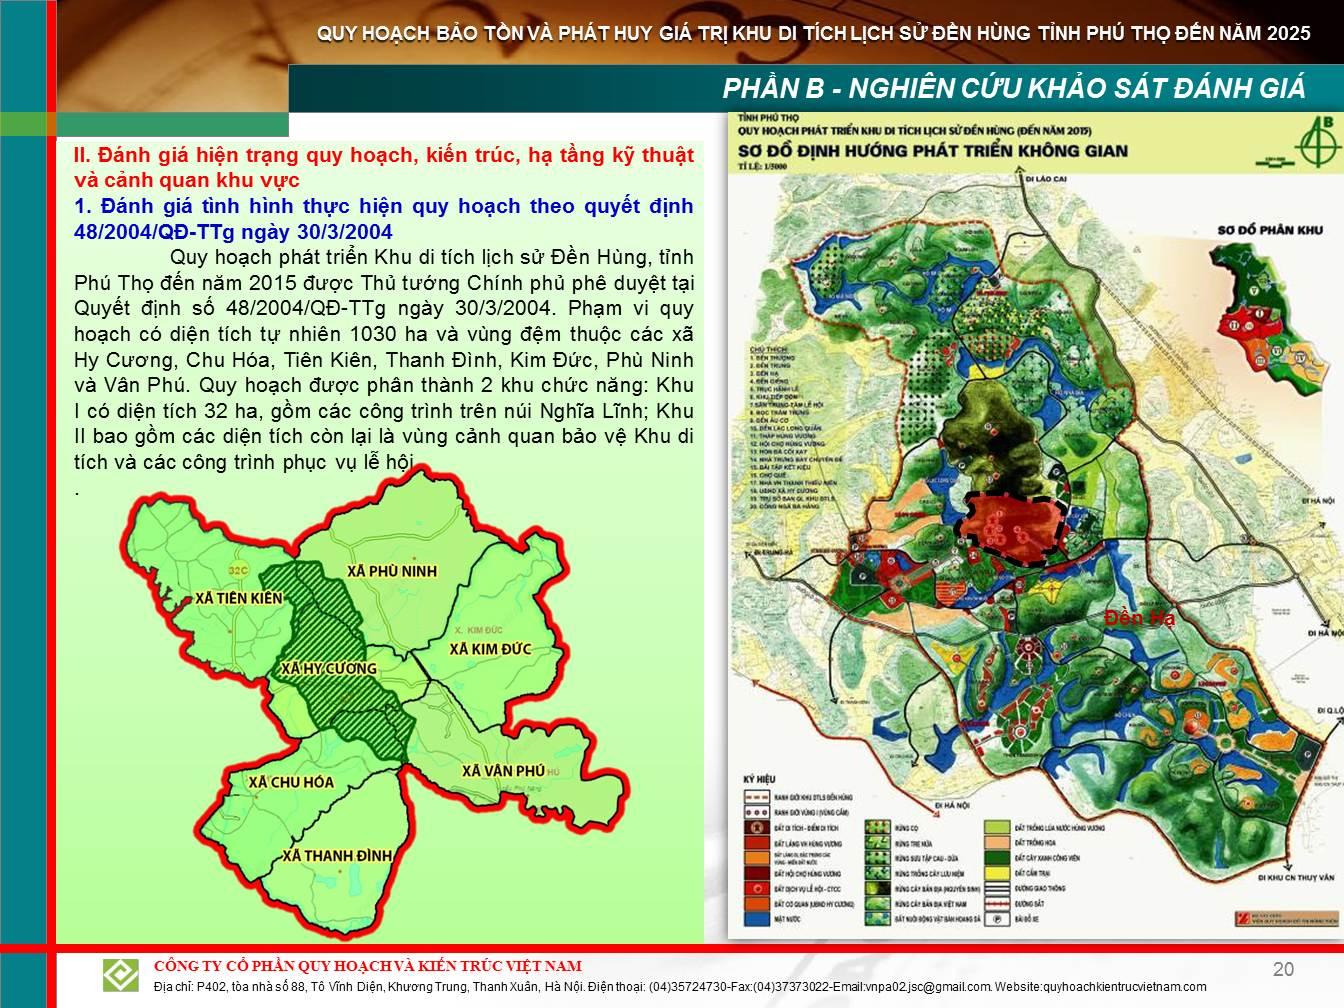 Quy hoạch khu di tích lịch sử Đền Hùng và các xã vùng ven